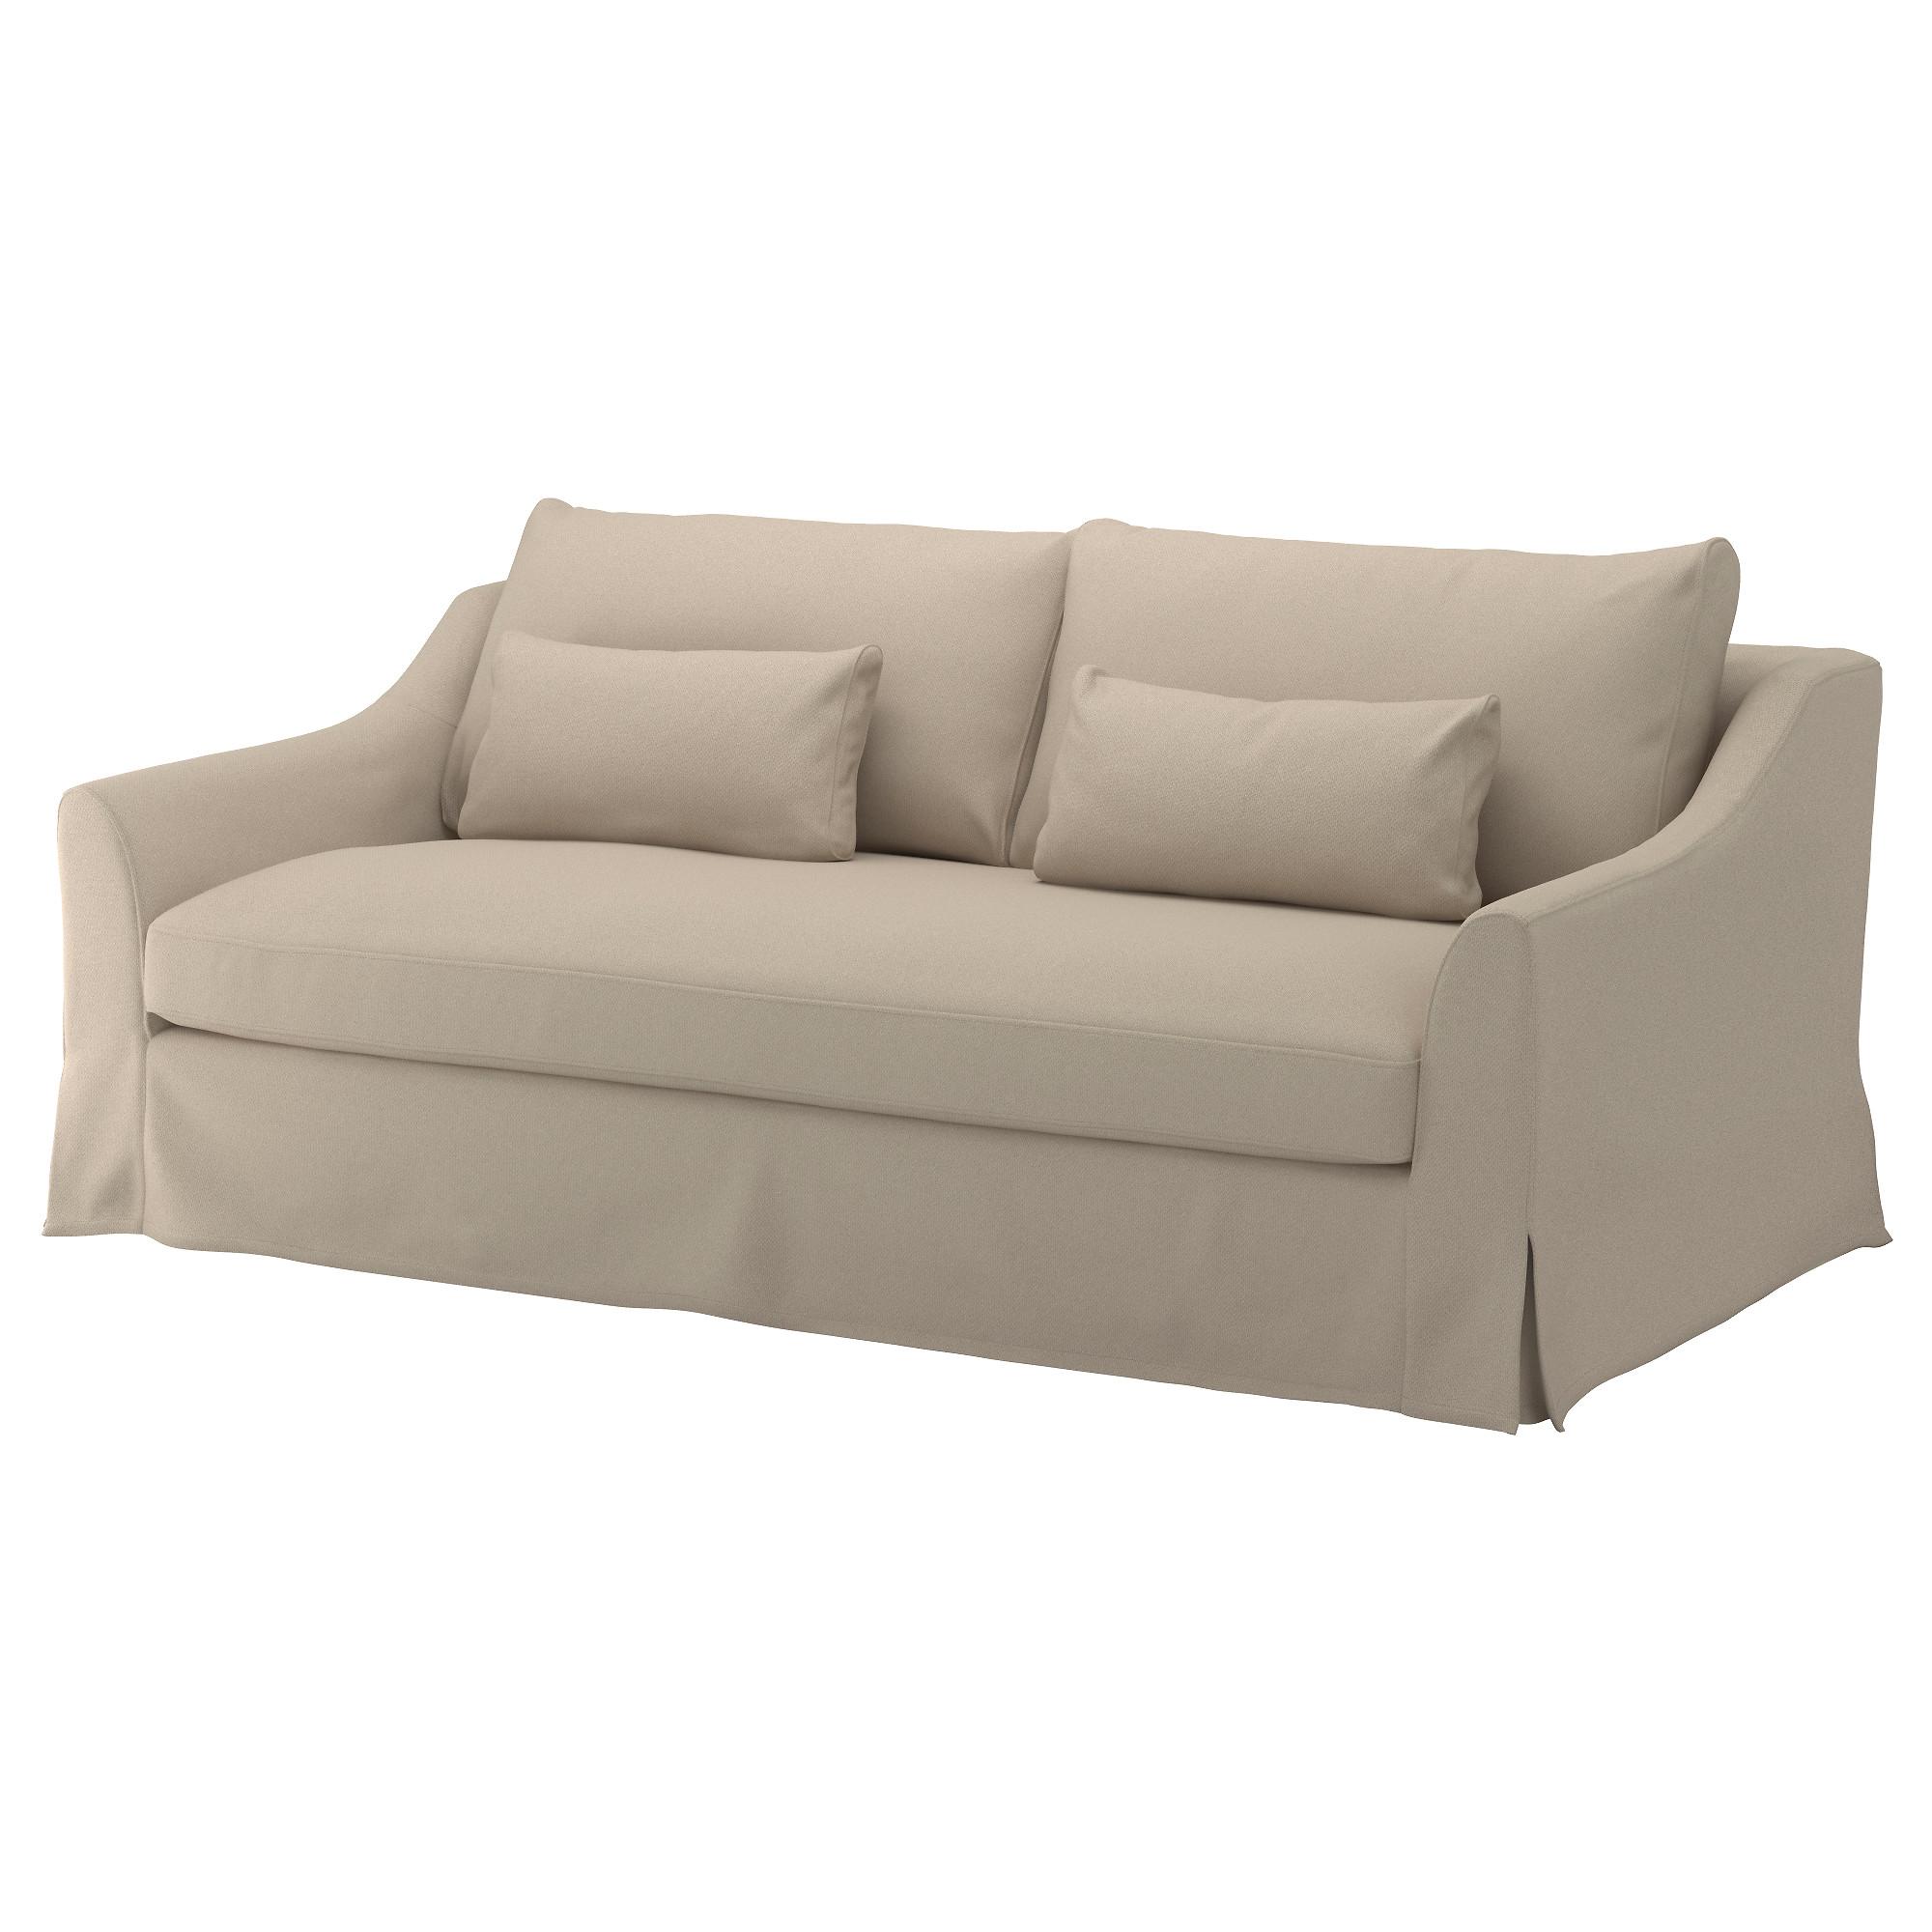 Farlov Sofa Flodafors Beige Sofa Fabric Sofa Comfortable Sofa